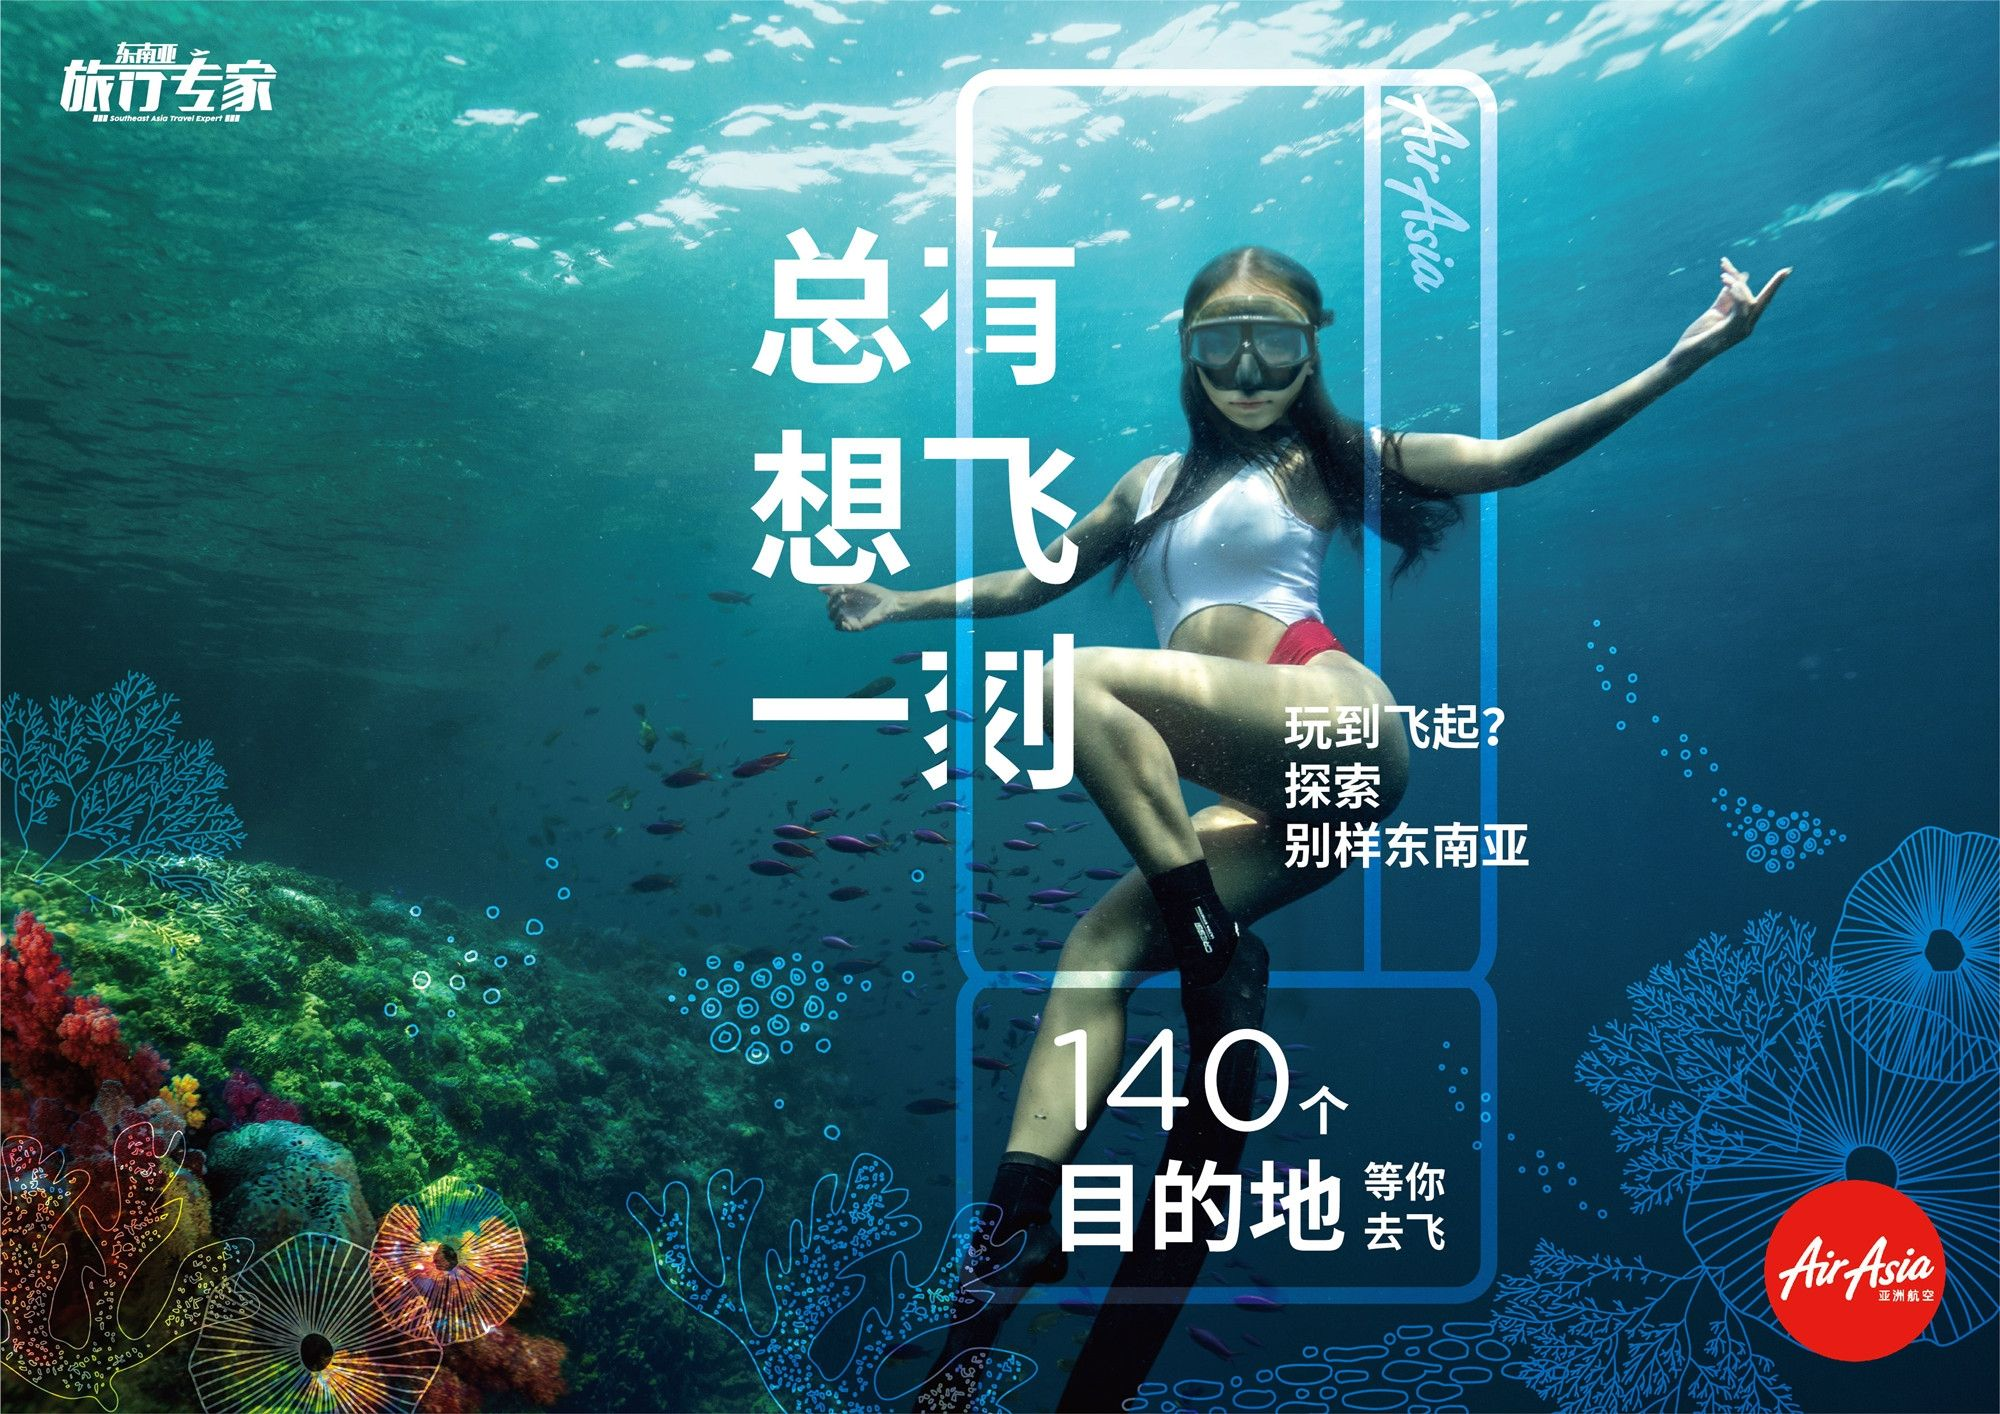 2019民航传播奖候选案例:亚洲航空总有想飞一刻品牌营销